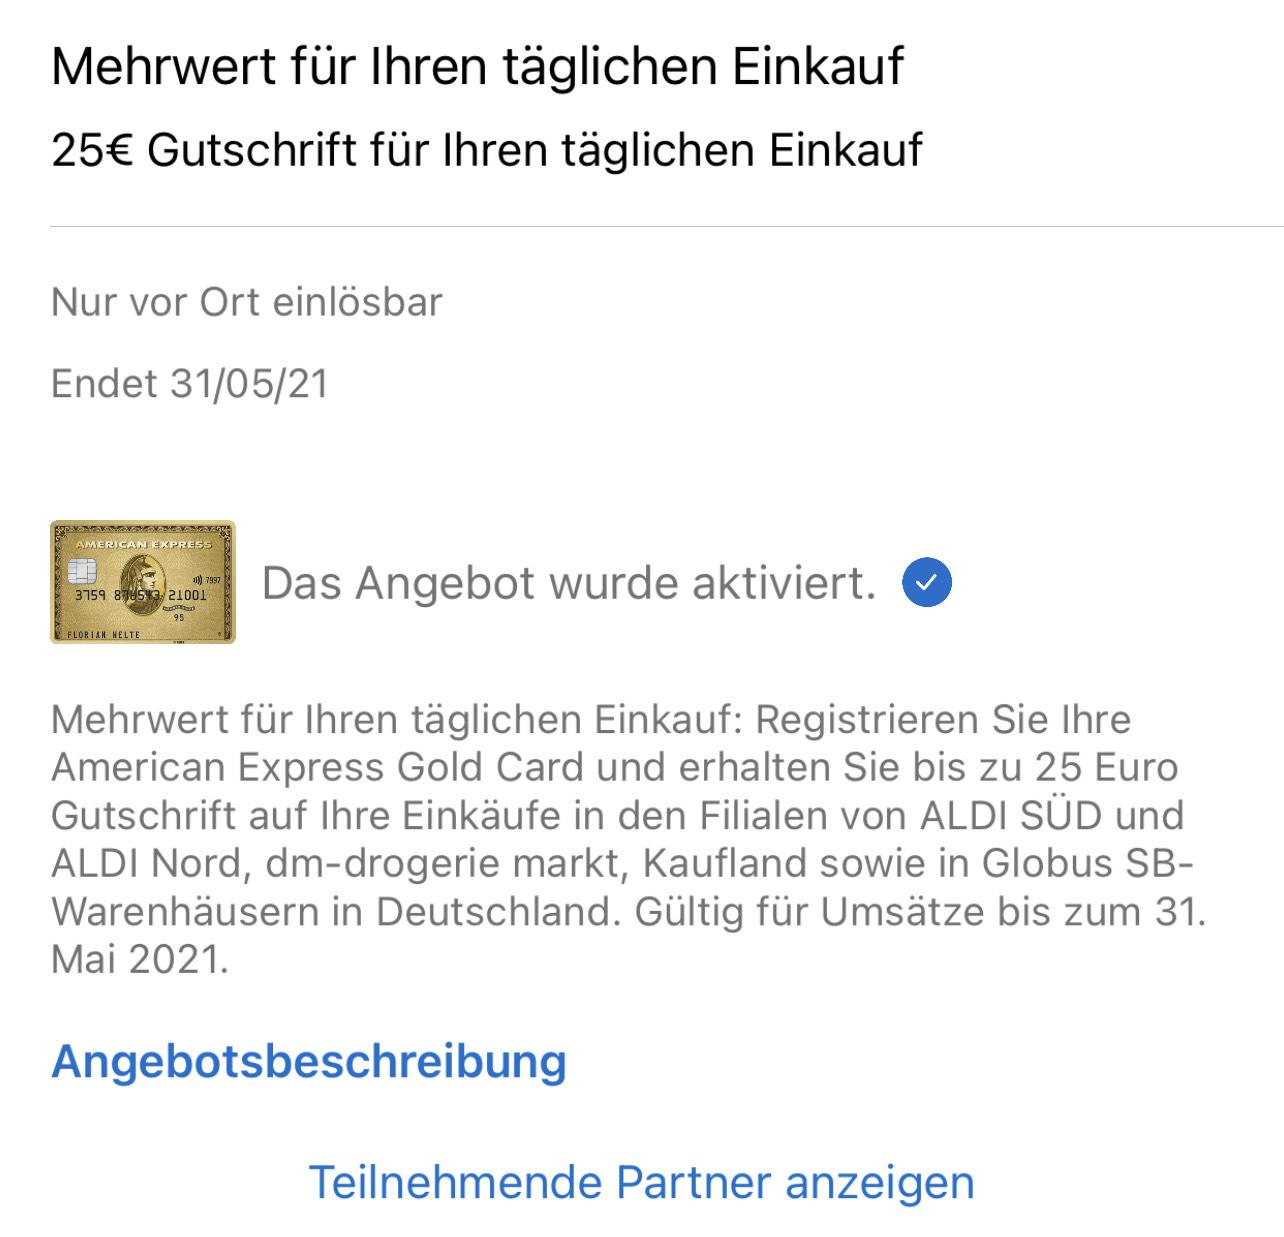 Amex Offers: 25€ Cashback bei 25€ Einkauf (Aldi, DM, Kaufland, Globus)